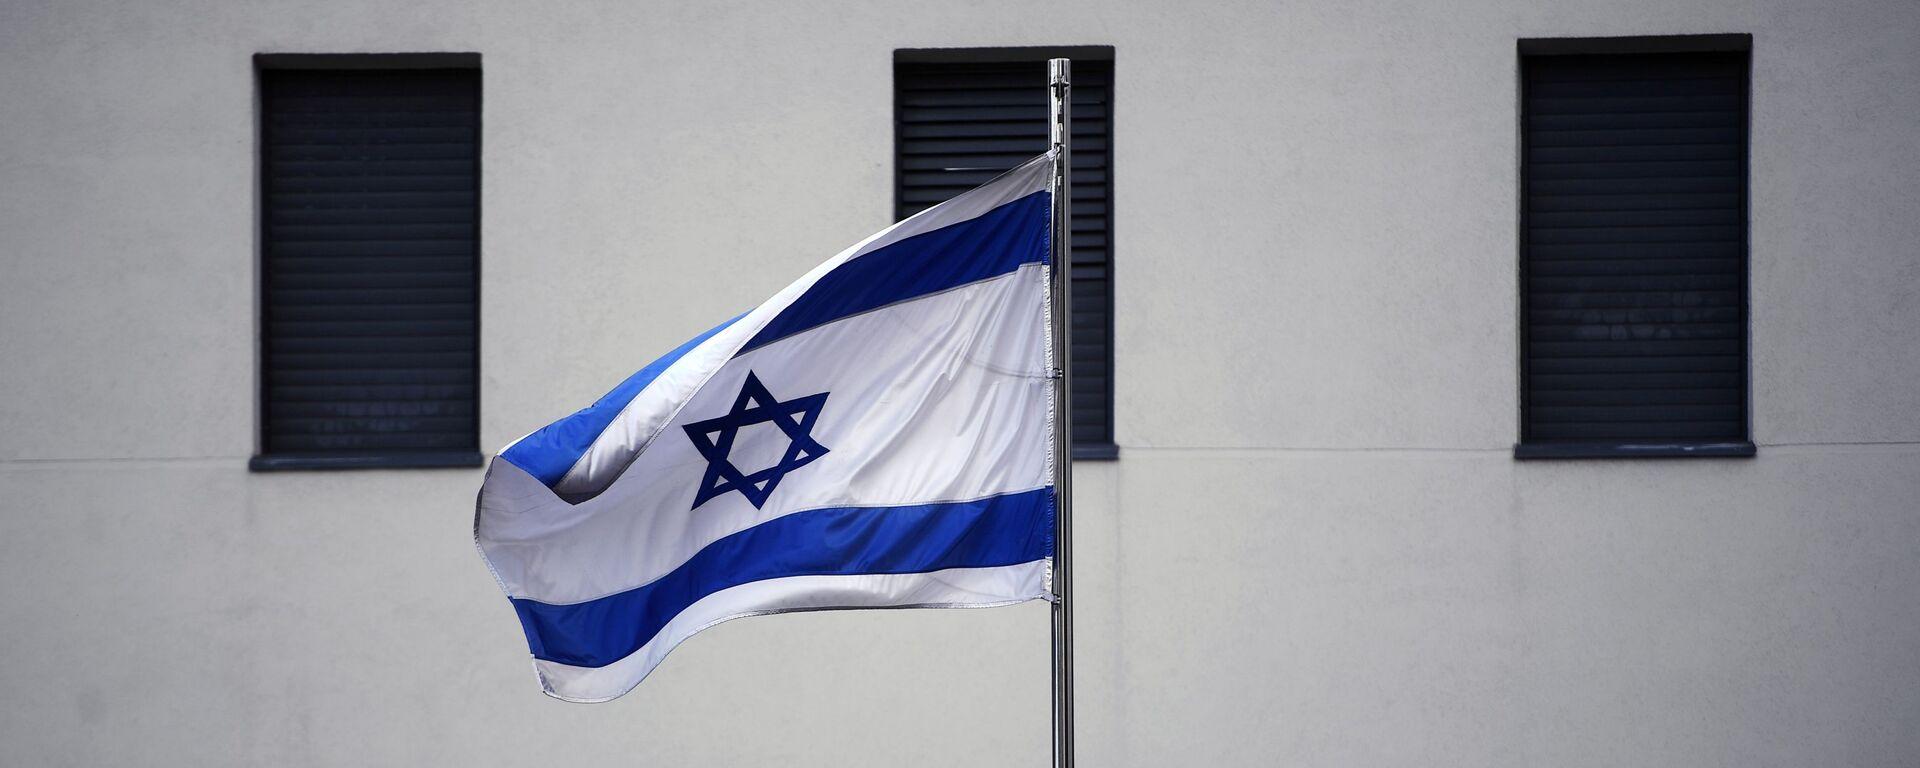 Flaga na budynku ambasady Izraela w Moskwie  - Sputnik Polska, 1920, 14.08.2021